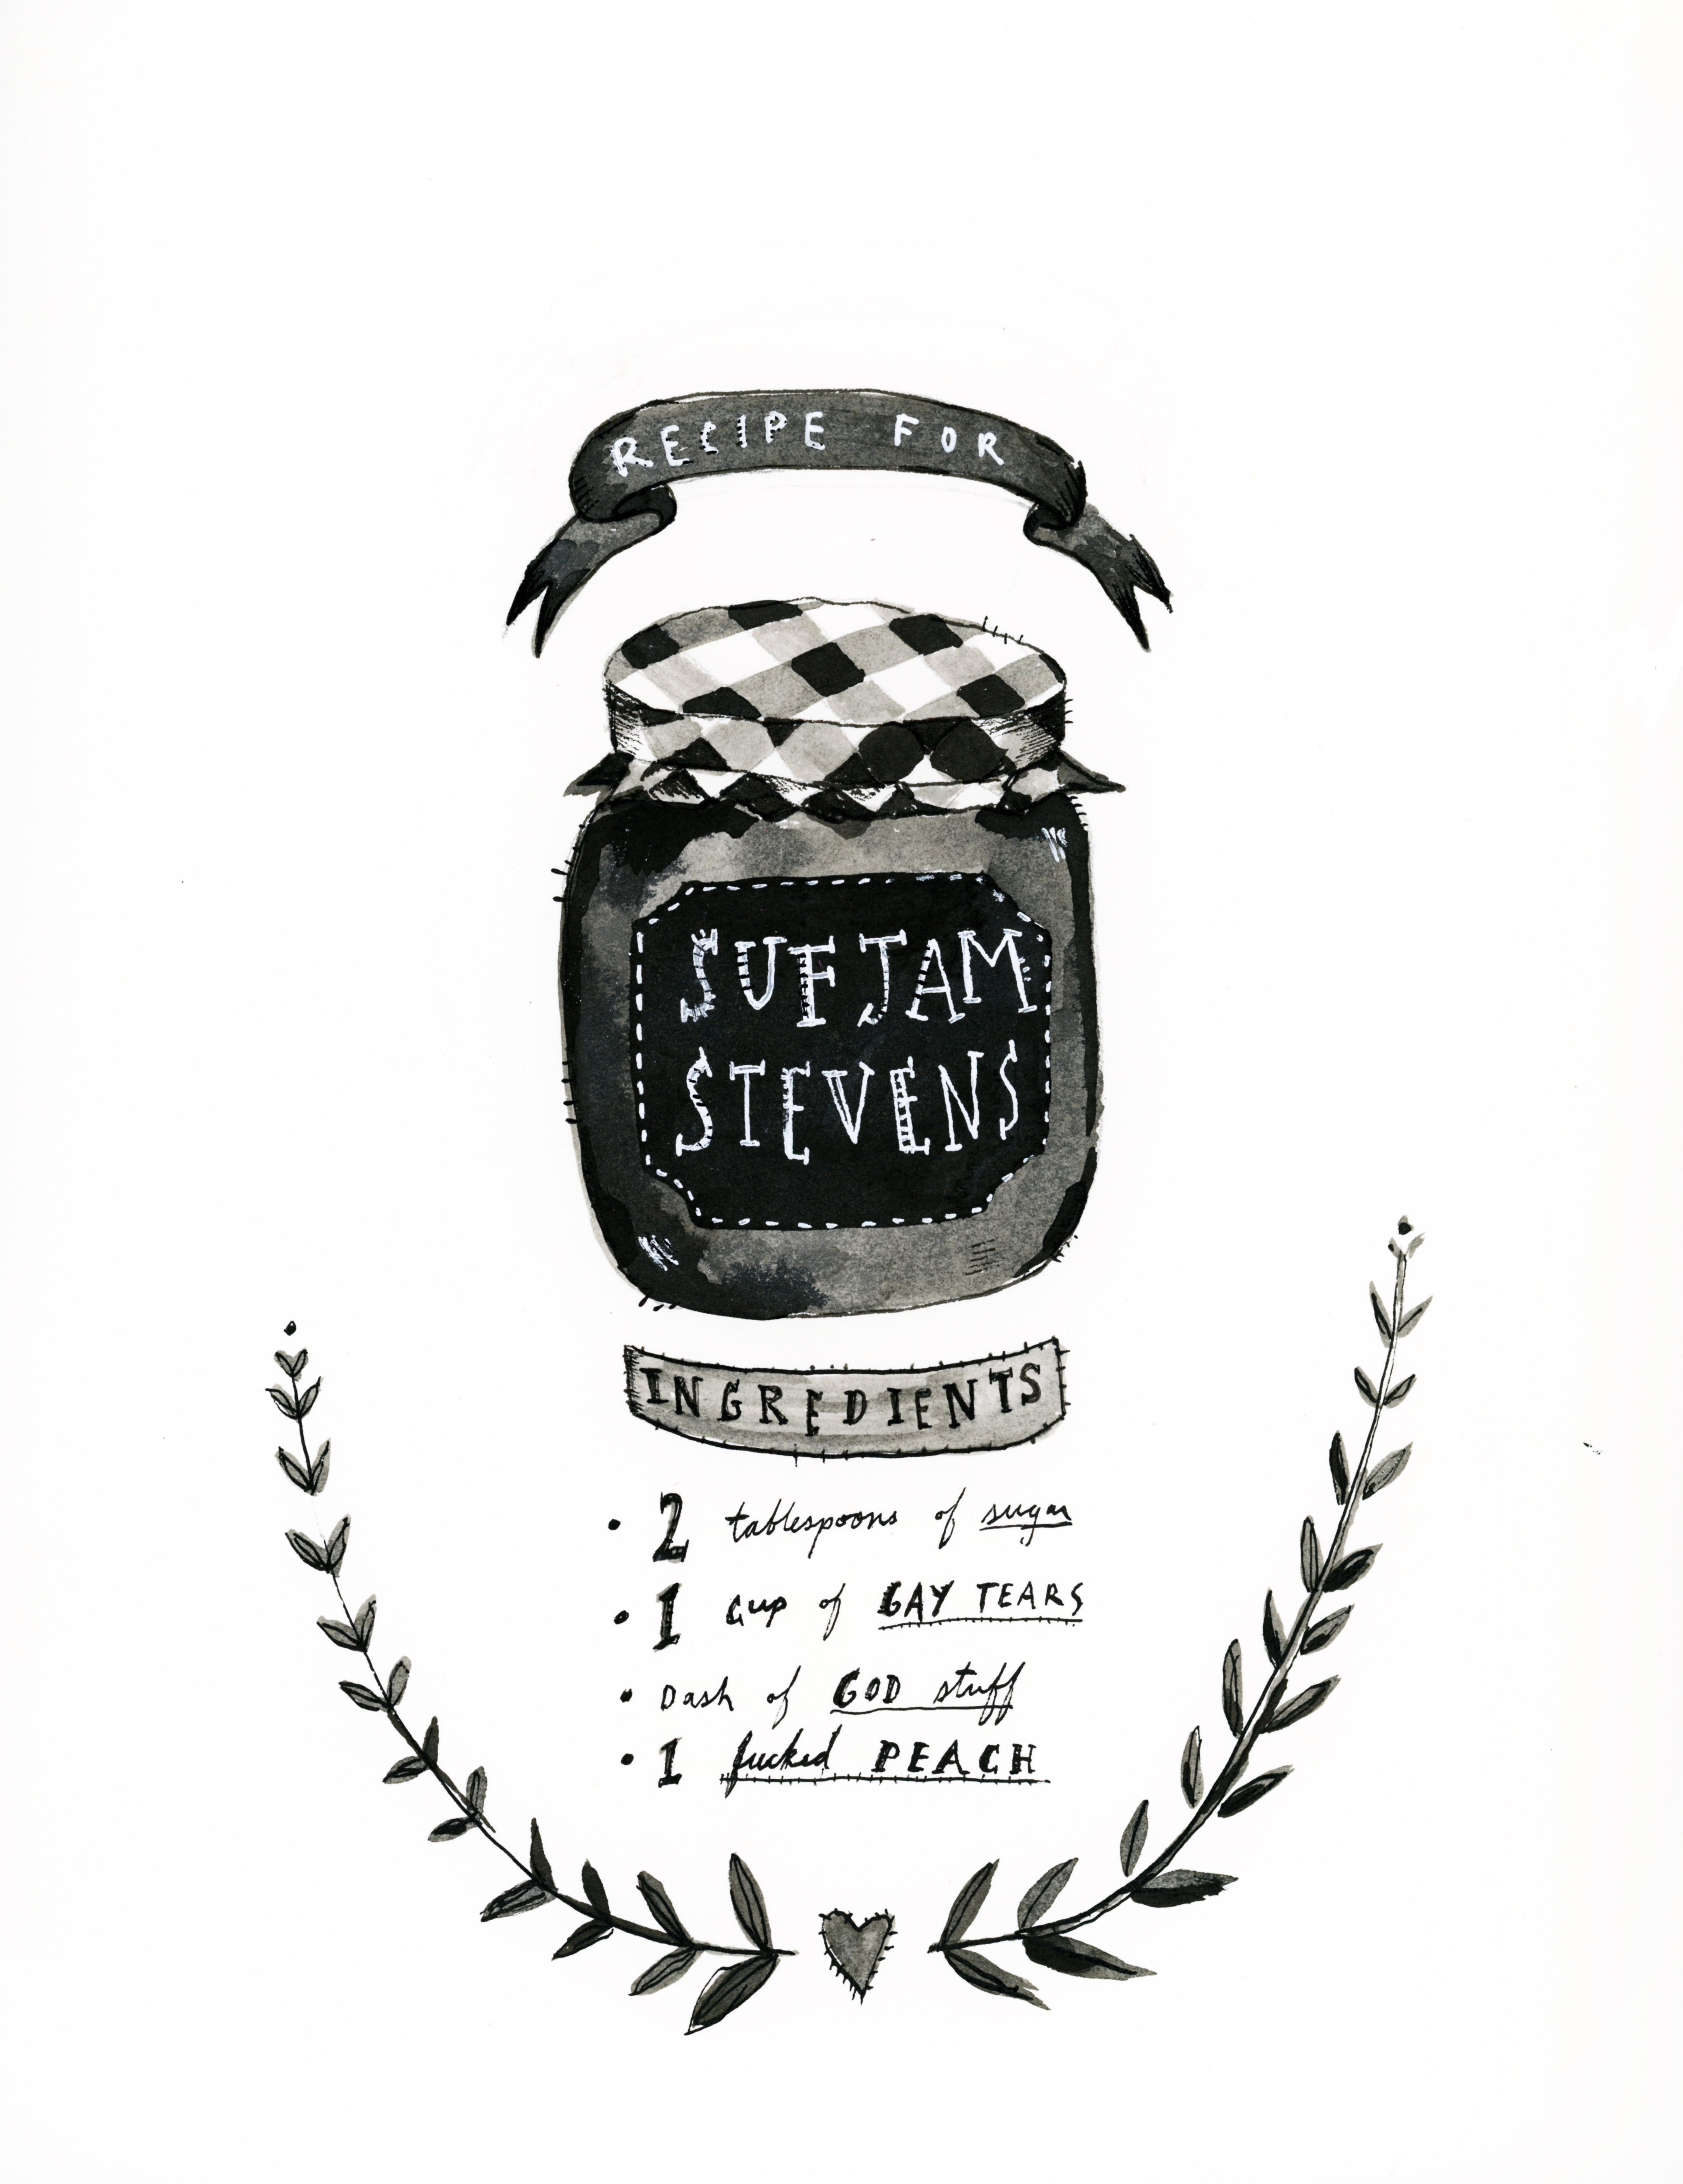 Sufjam Stevens